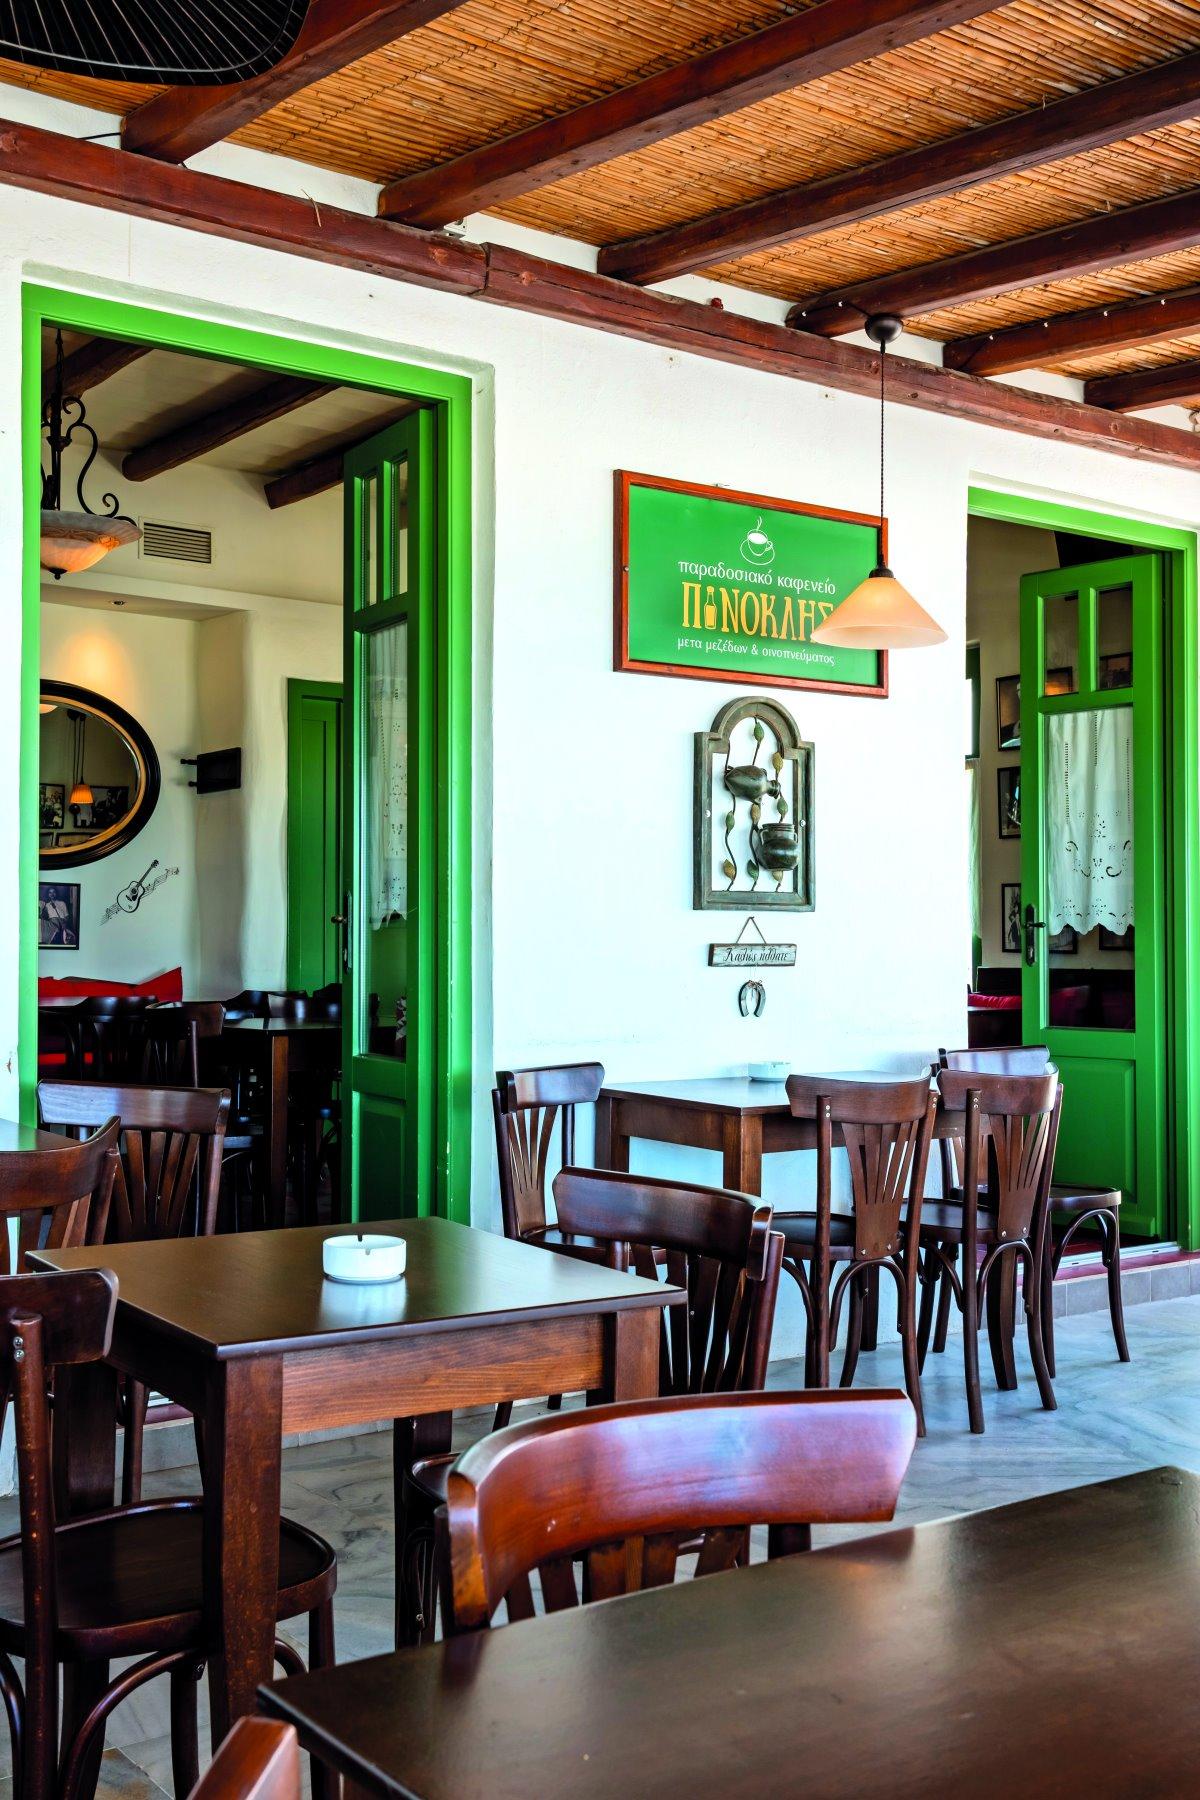 Πινόκλης, παραδοσιακό καφενείο στην Παροικιά